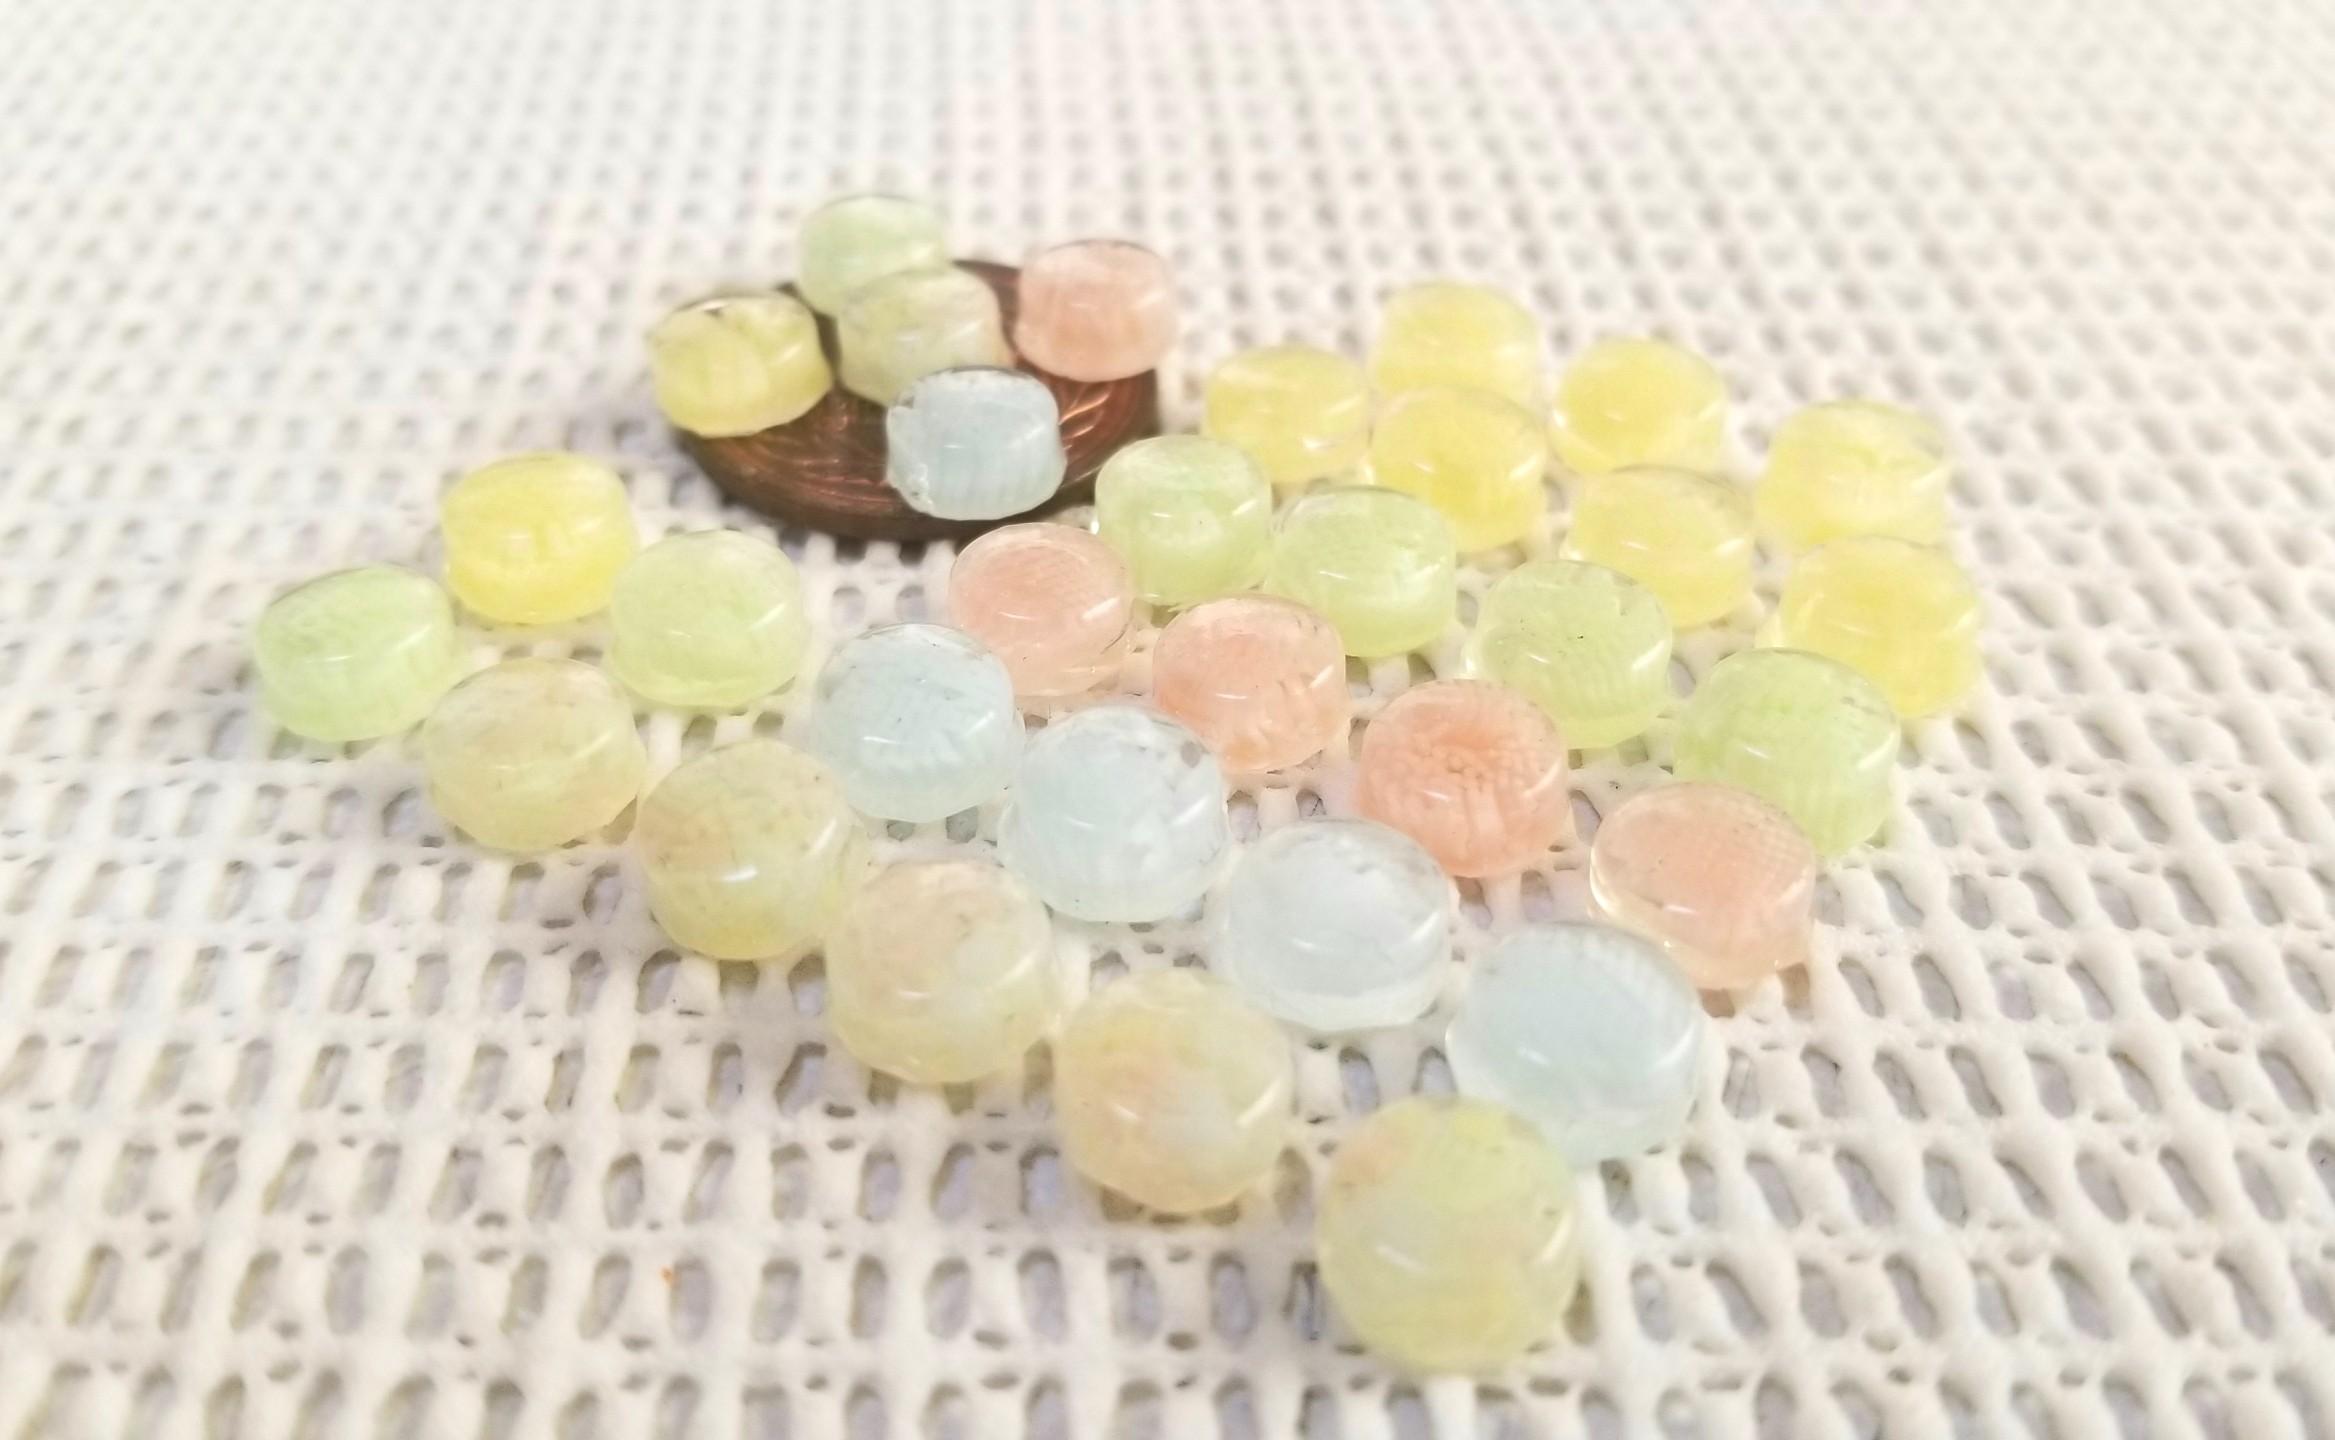 ミニチュア,UVレジン,水ようかん,和菓子,樹脂粘土,シルバニア